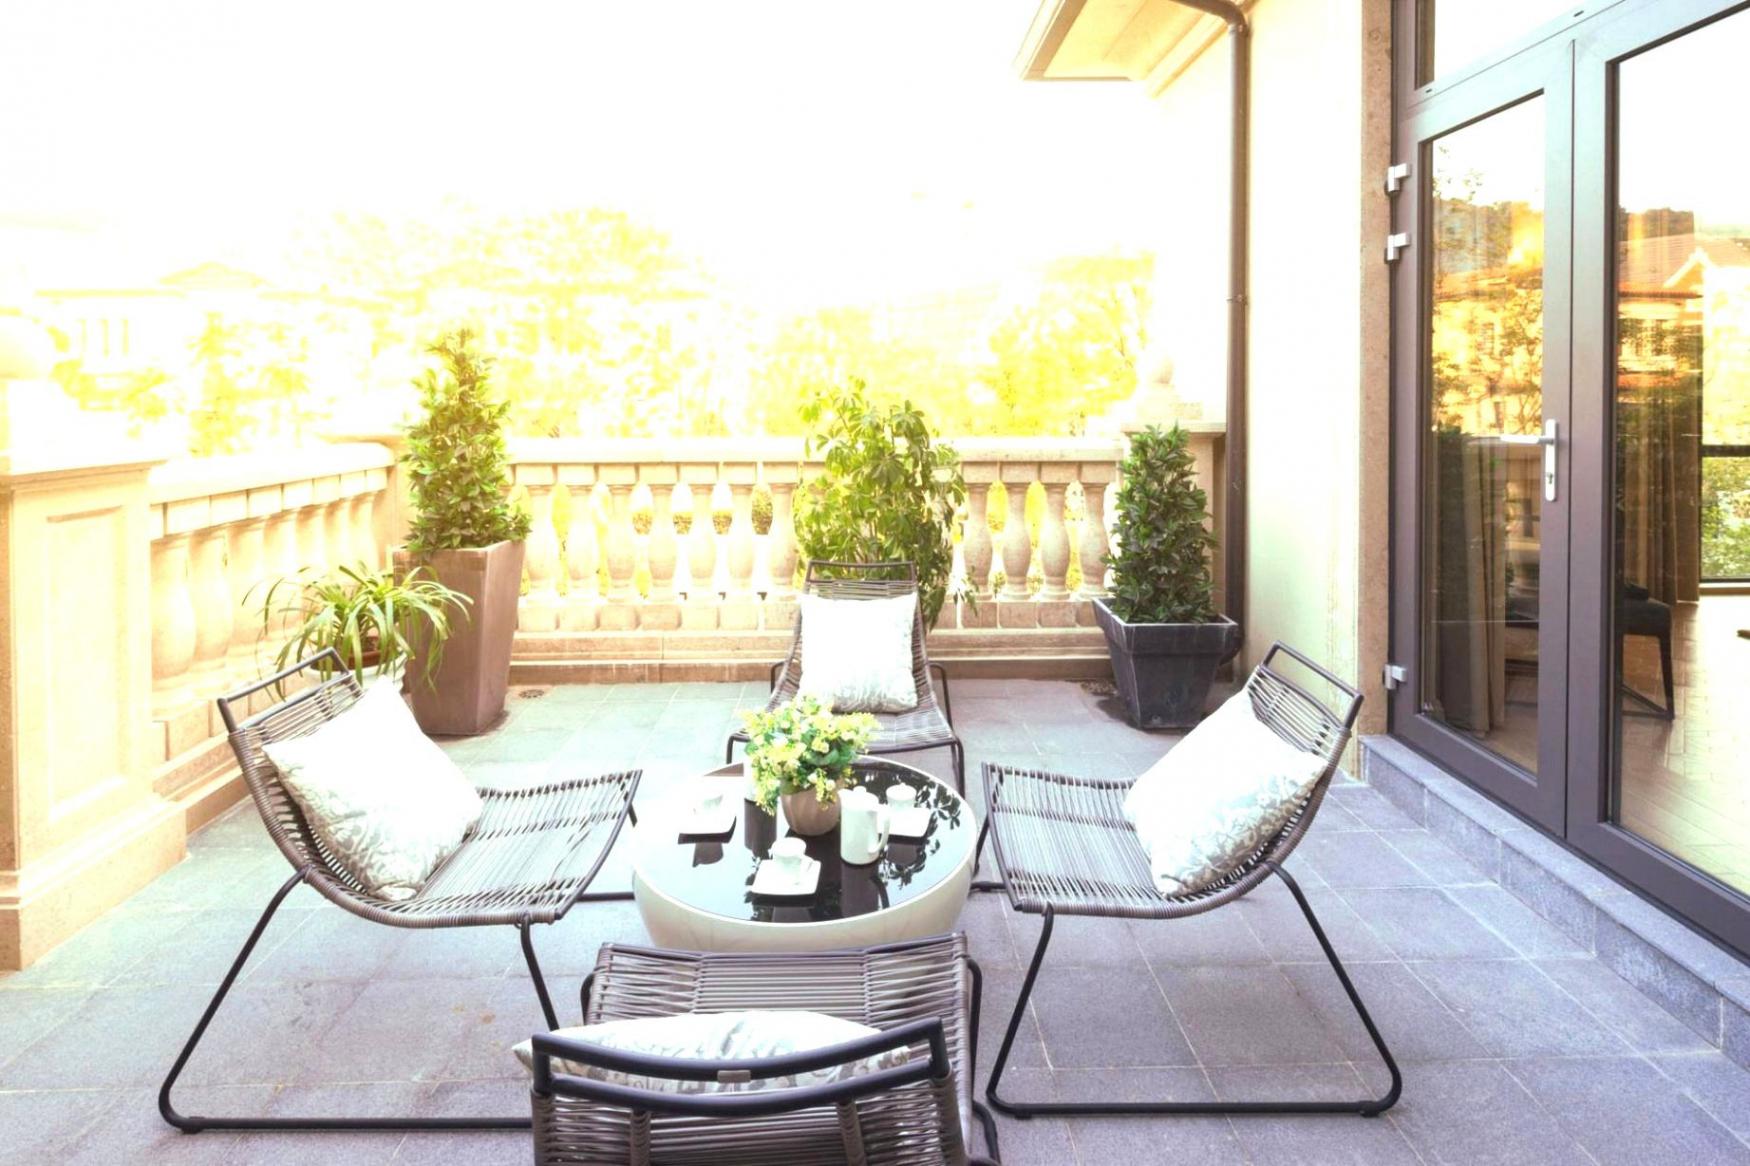 terrassenecke gestalten schon deko kleiner balkon einzigartig balkon kleiner balkon ideen kleiner balkon ideen